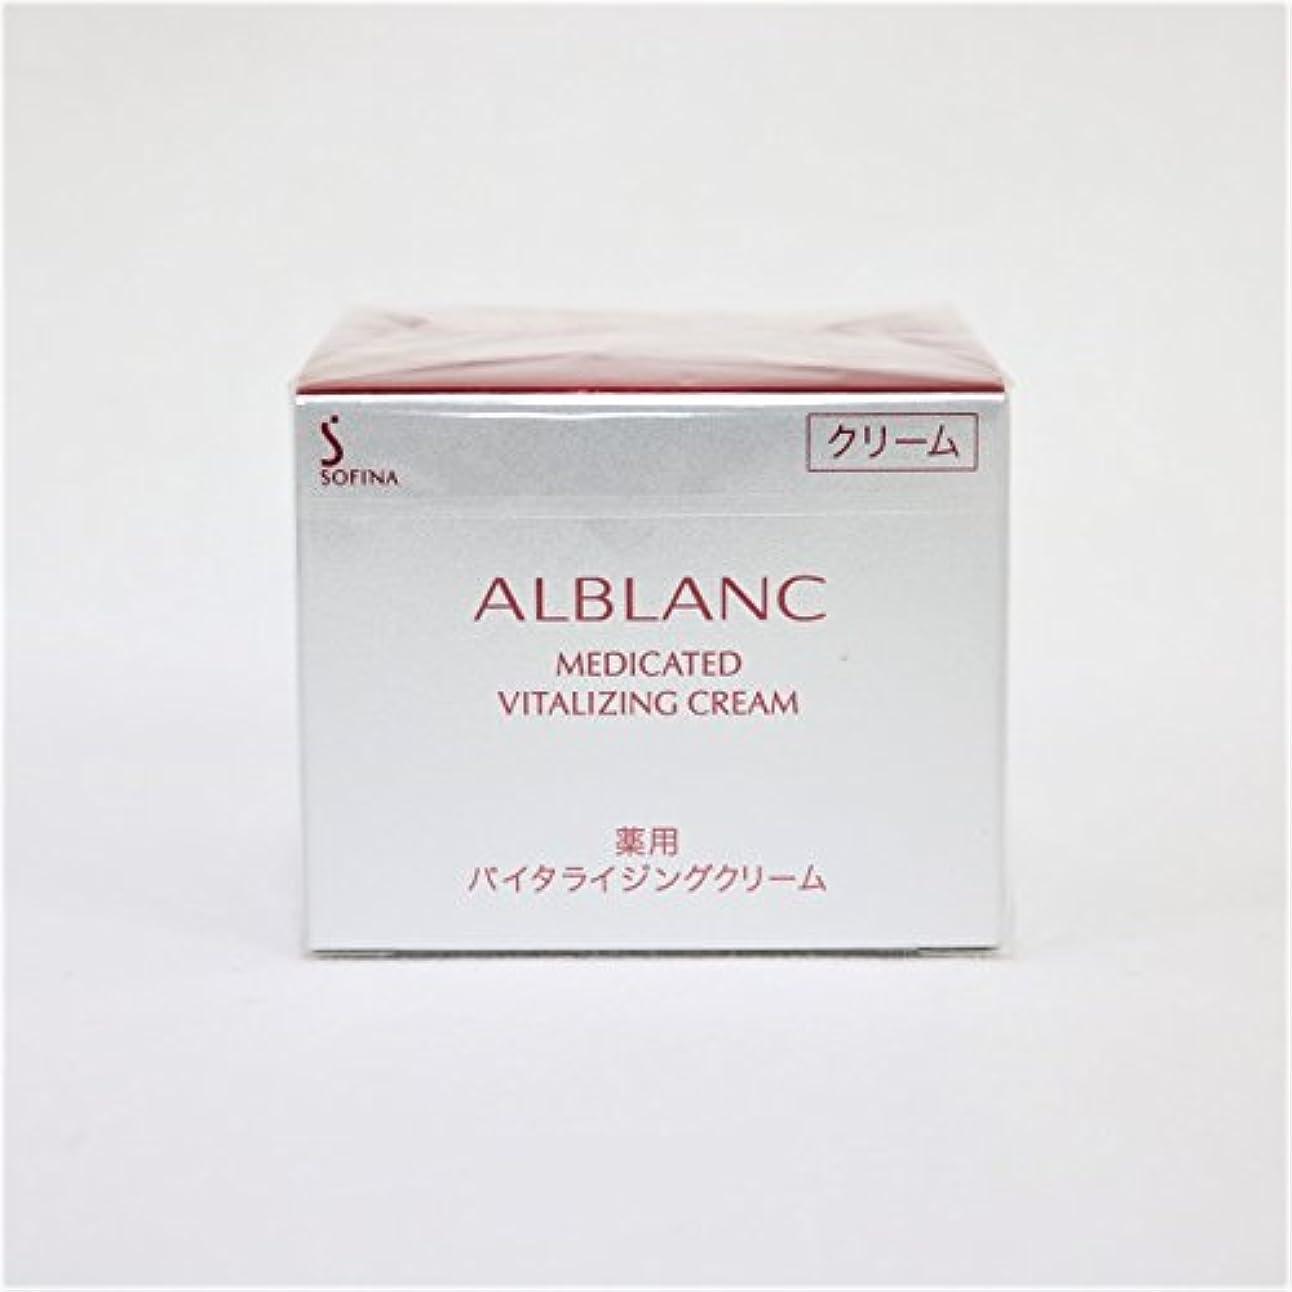 優勢モニカ驚かすソフィーナ アルブラン 薬用バイタライジングクリーム 40g